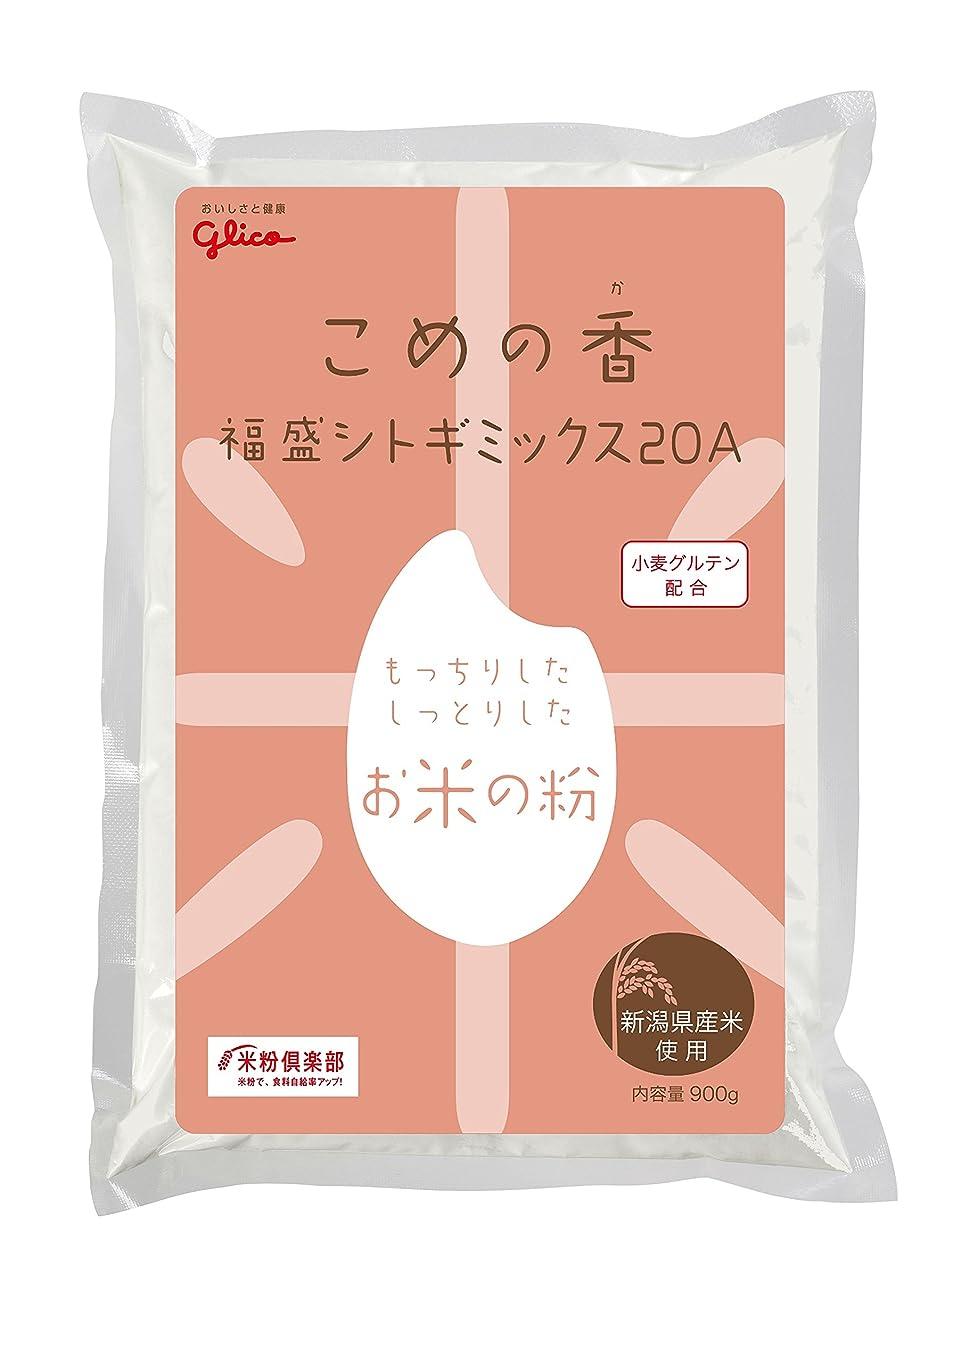 急襲灌漑衣服名古屋食糧 米粉で作ったうどん (130g×5個???)